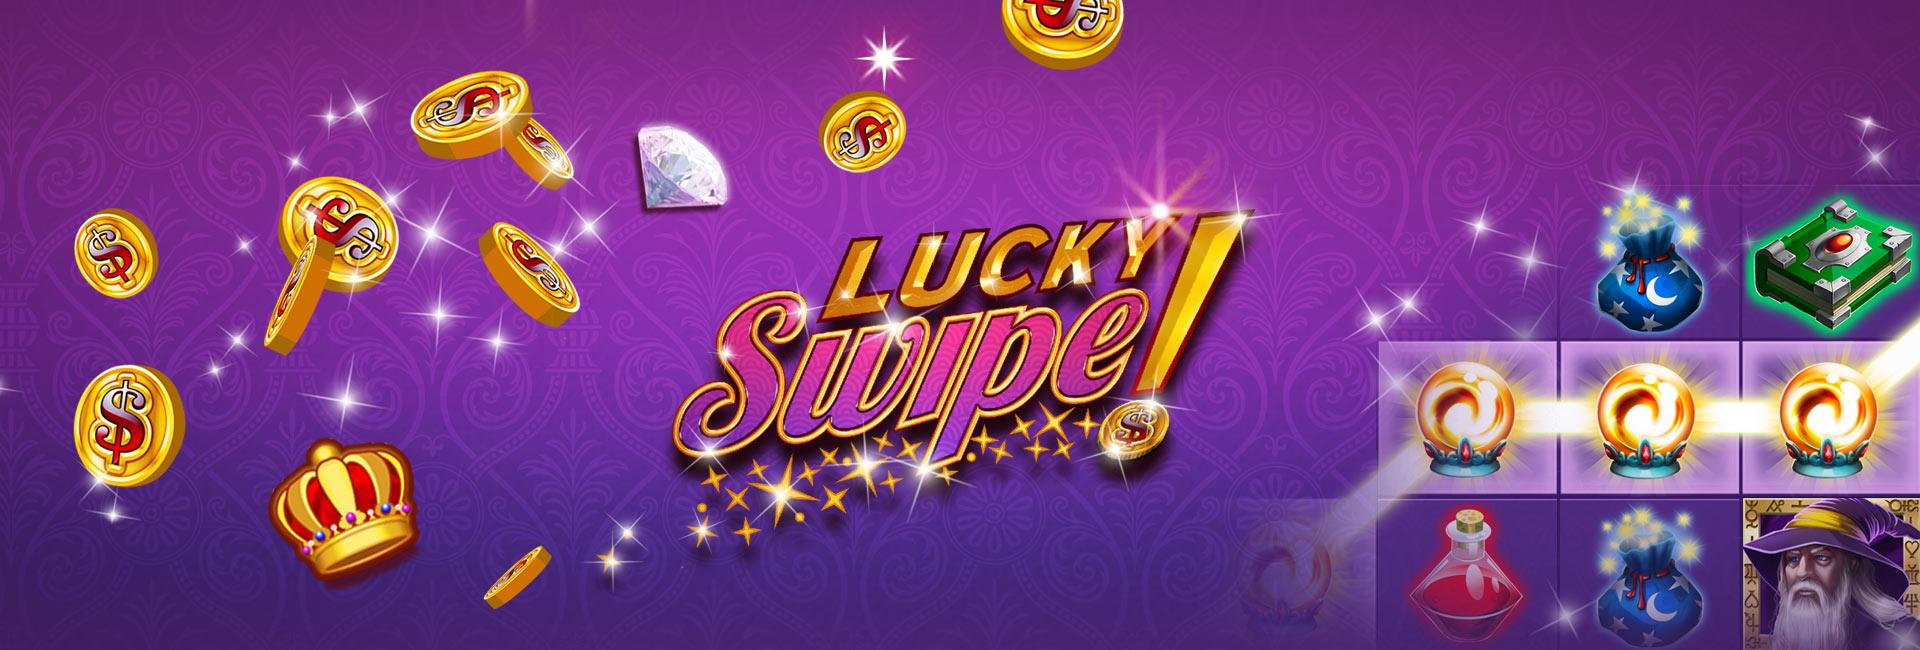 Lucky Swipe!